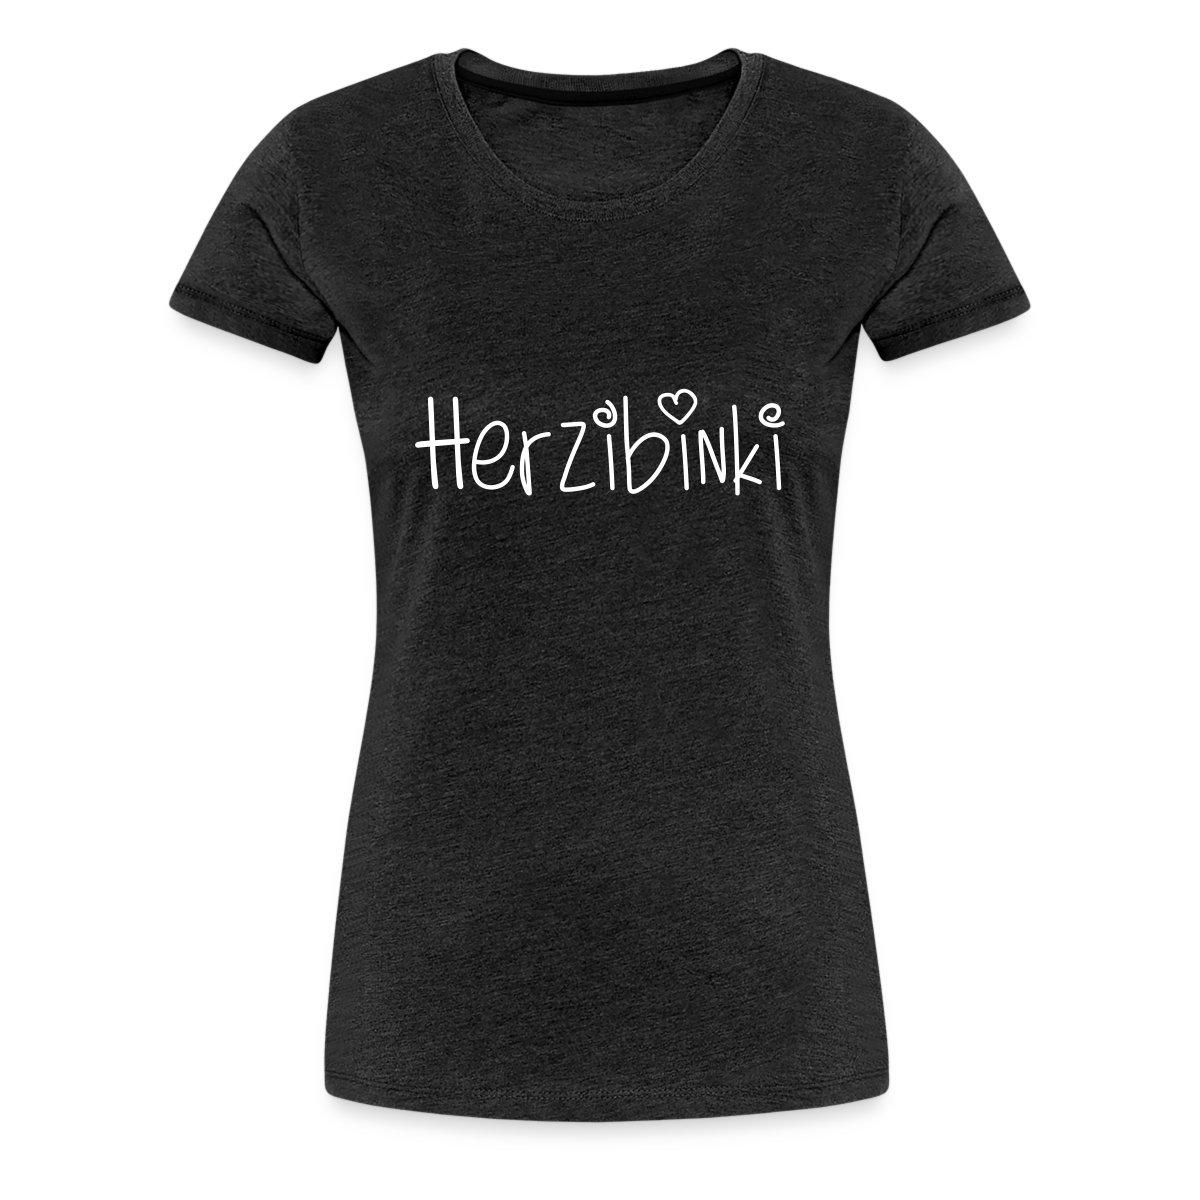 33e465744c31 Herzibinki - Frauen Premium T-Shirt   Heazibinki   Motive   Gscheade Leibal